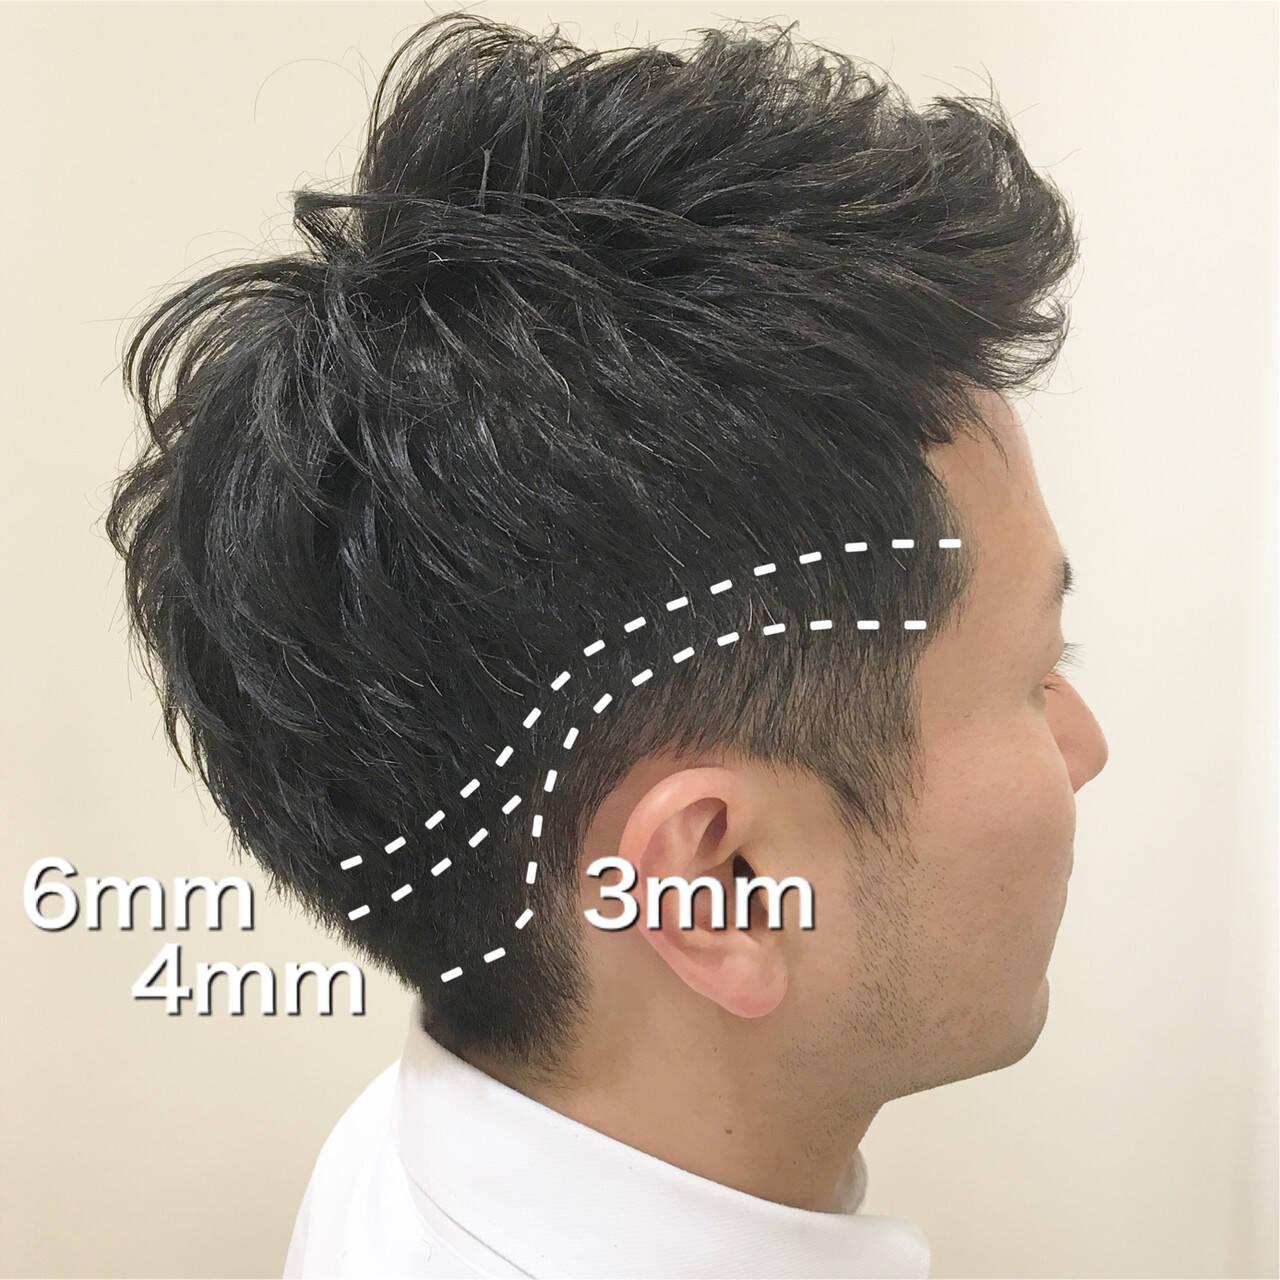 ナチュラル メンズ アップバング 刈り上げヘアスタイルや髪型の写真・画像